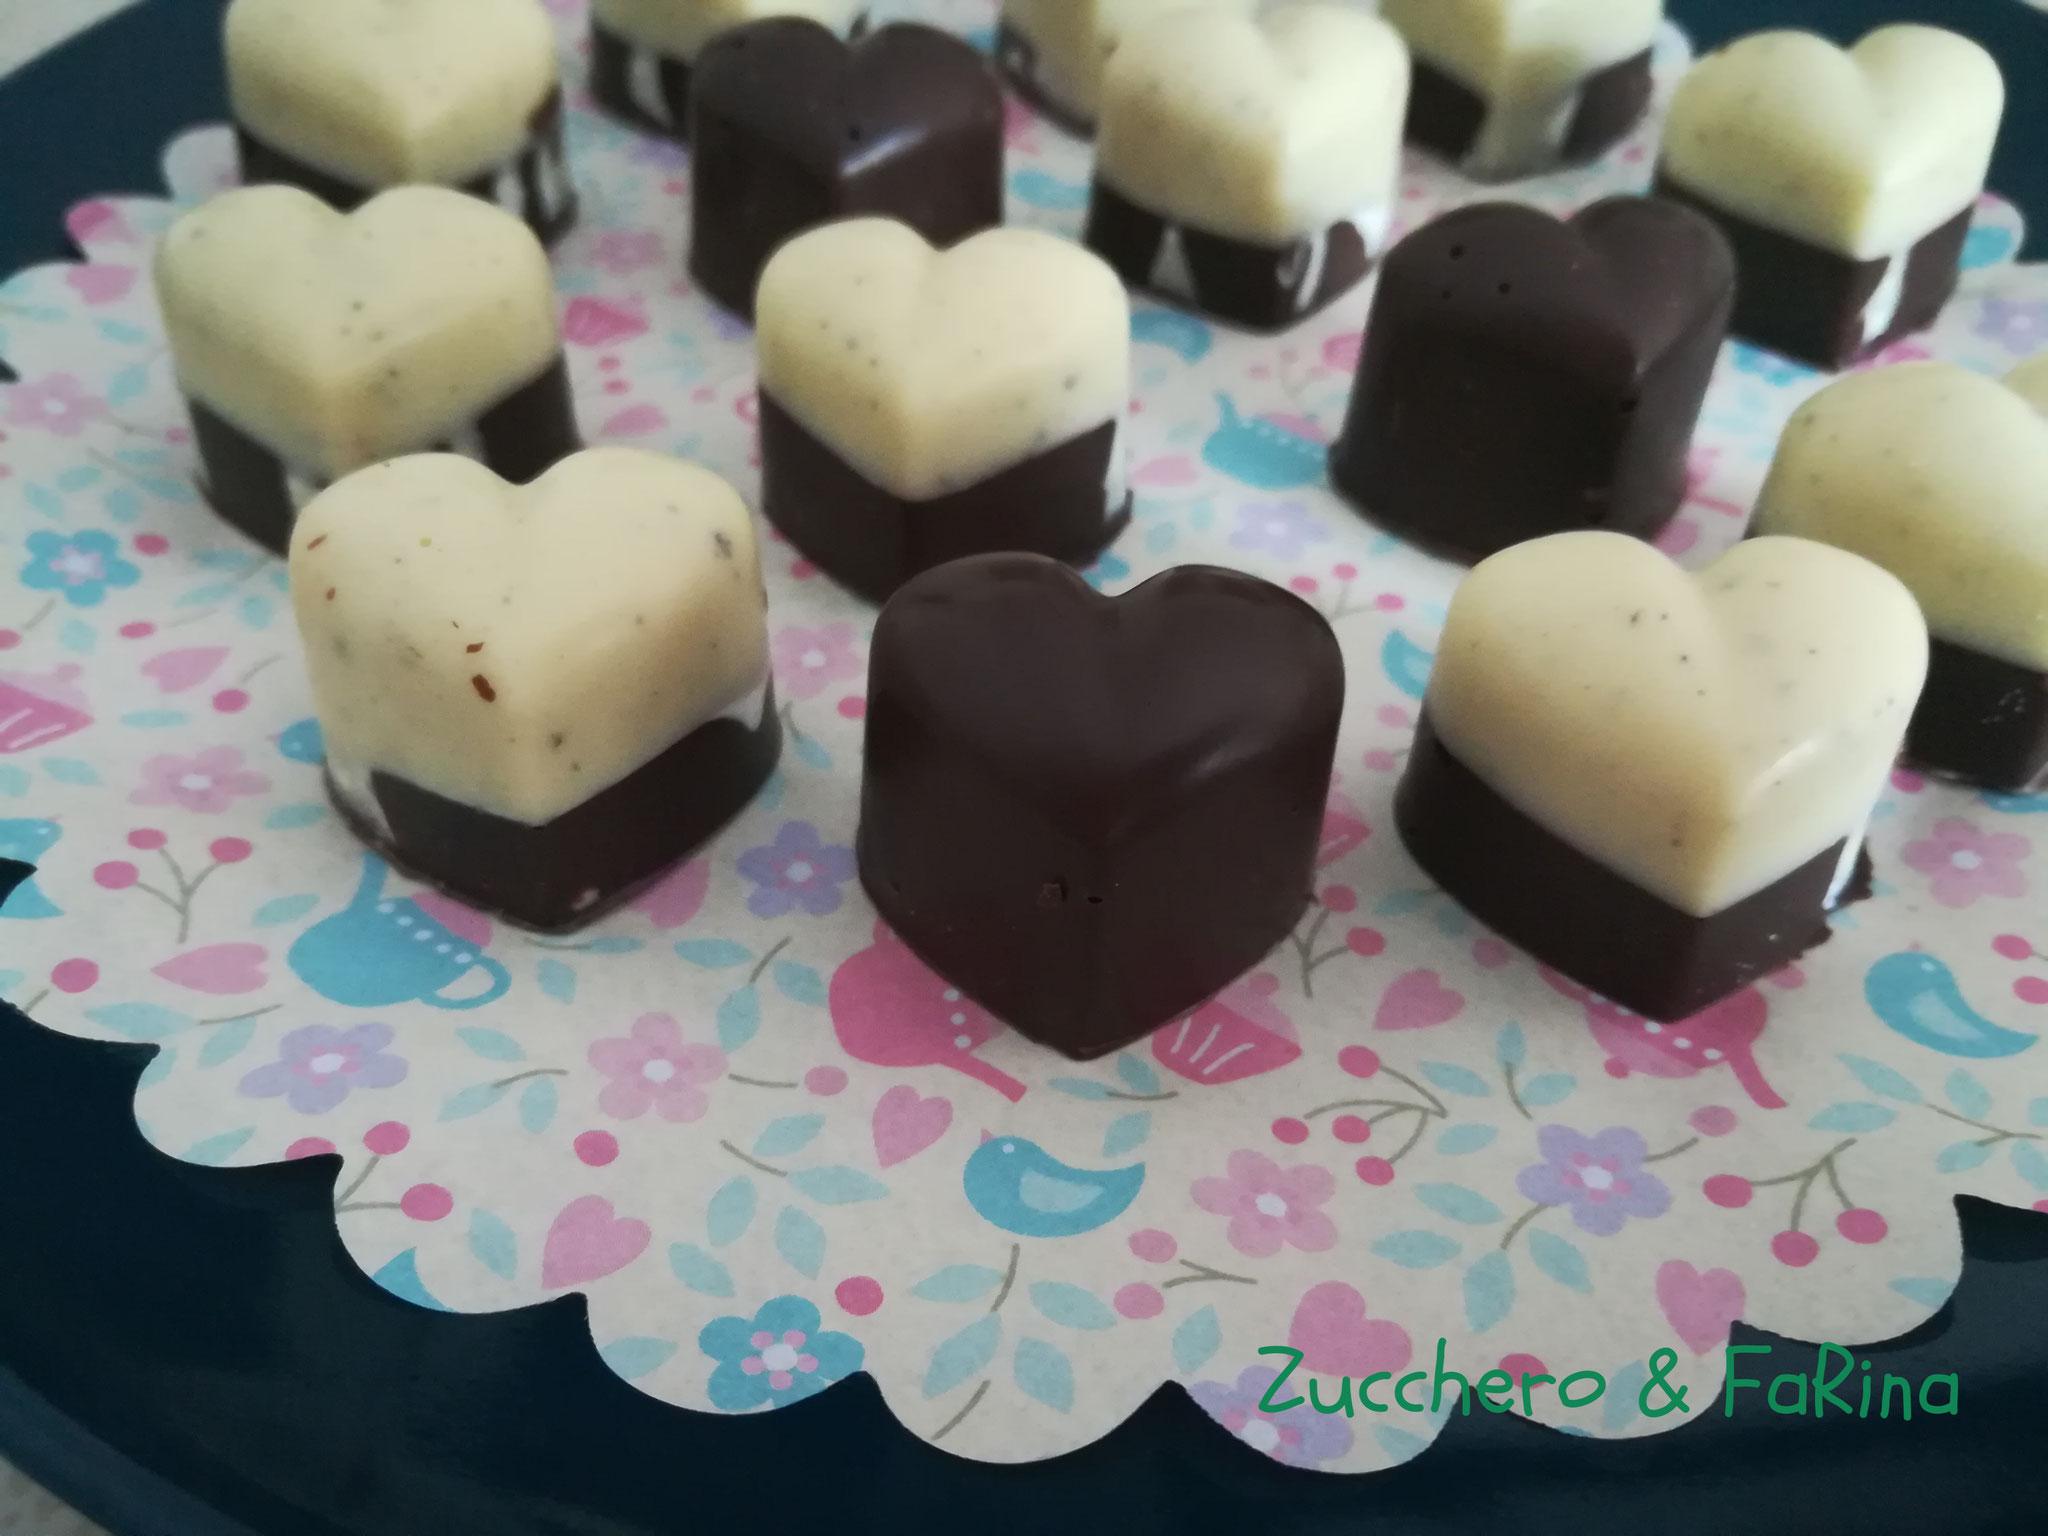 Cioccolatini & Piccola Pasticceria